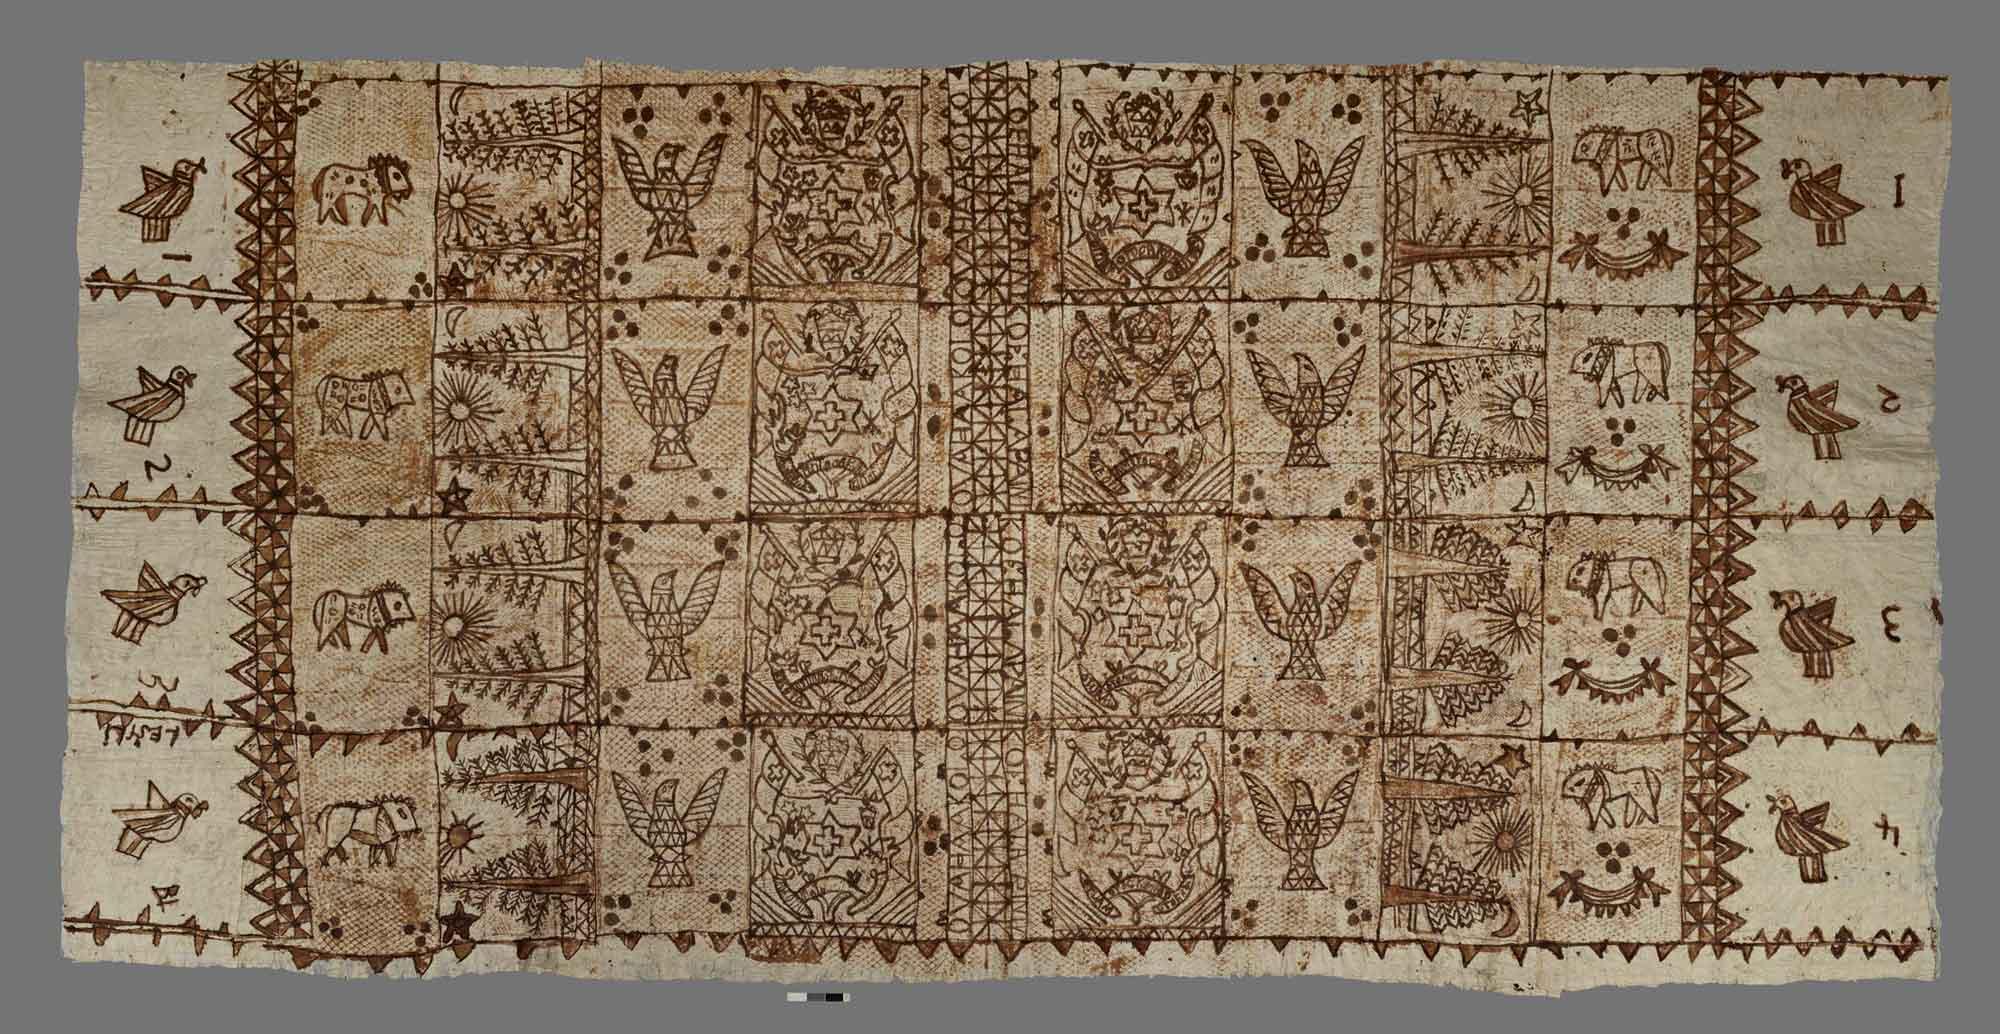 1970 年代出產的東加王國樹皮衣,由構樹樹皮製成,花紋內容包含東加社會重視的動物、植物以及國徽。 圖片來源│The British Museum (CC BY-NC-SA 4.0)